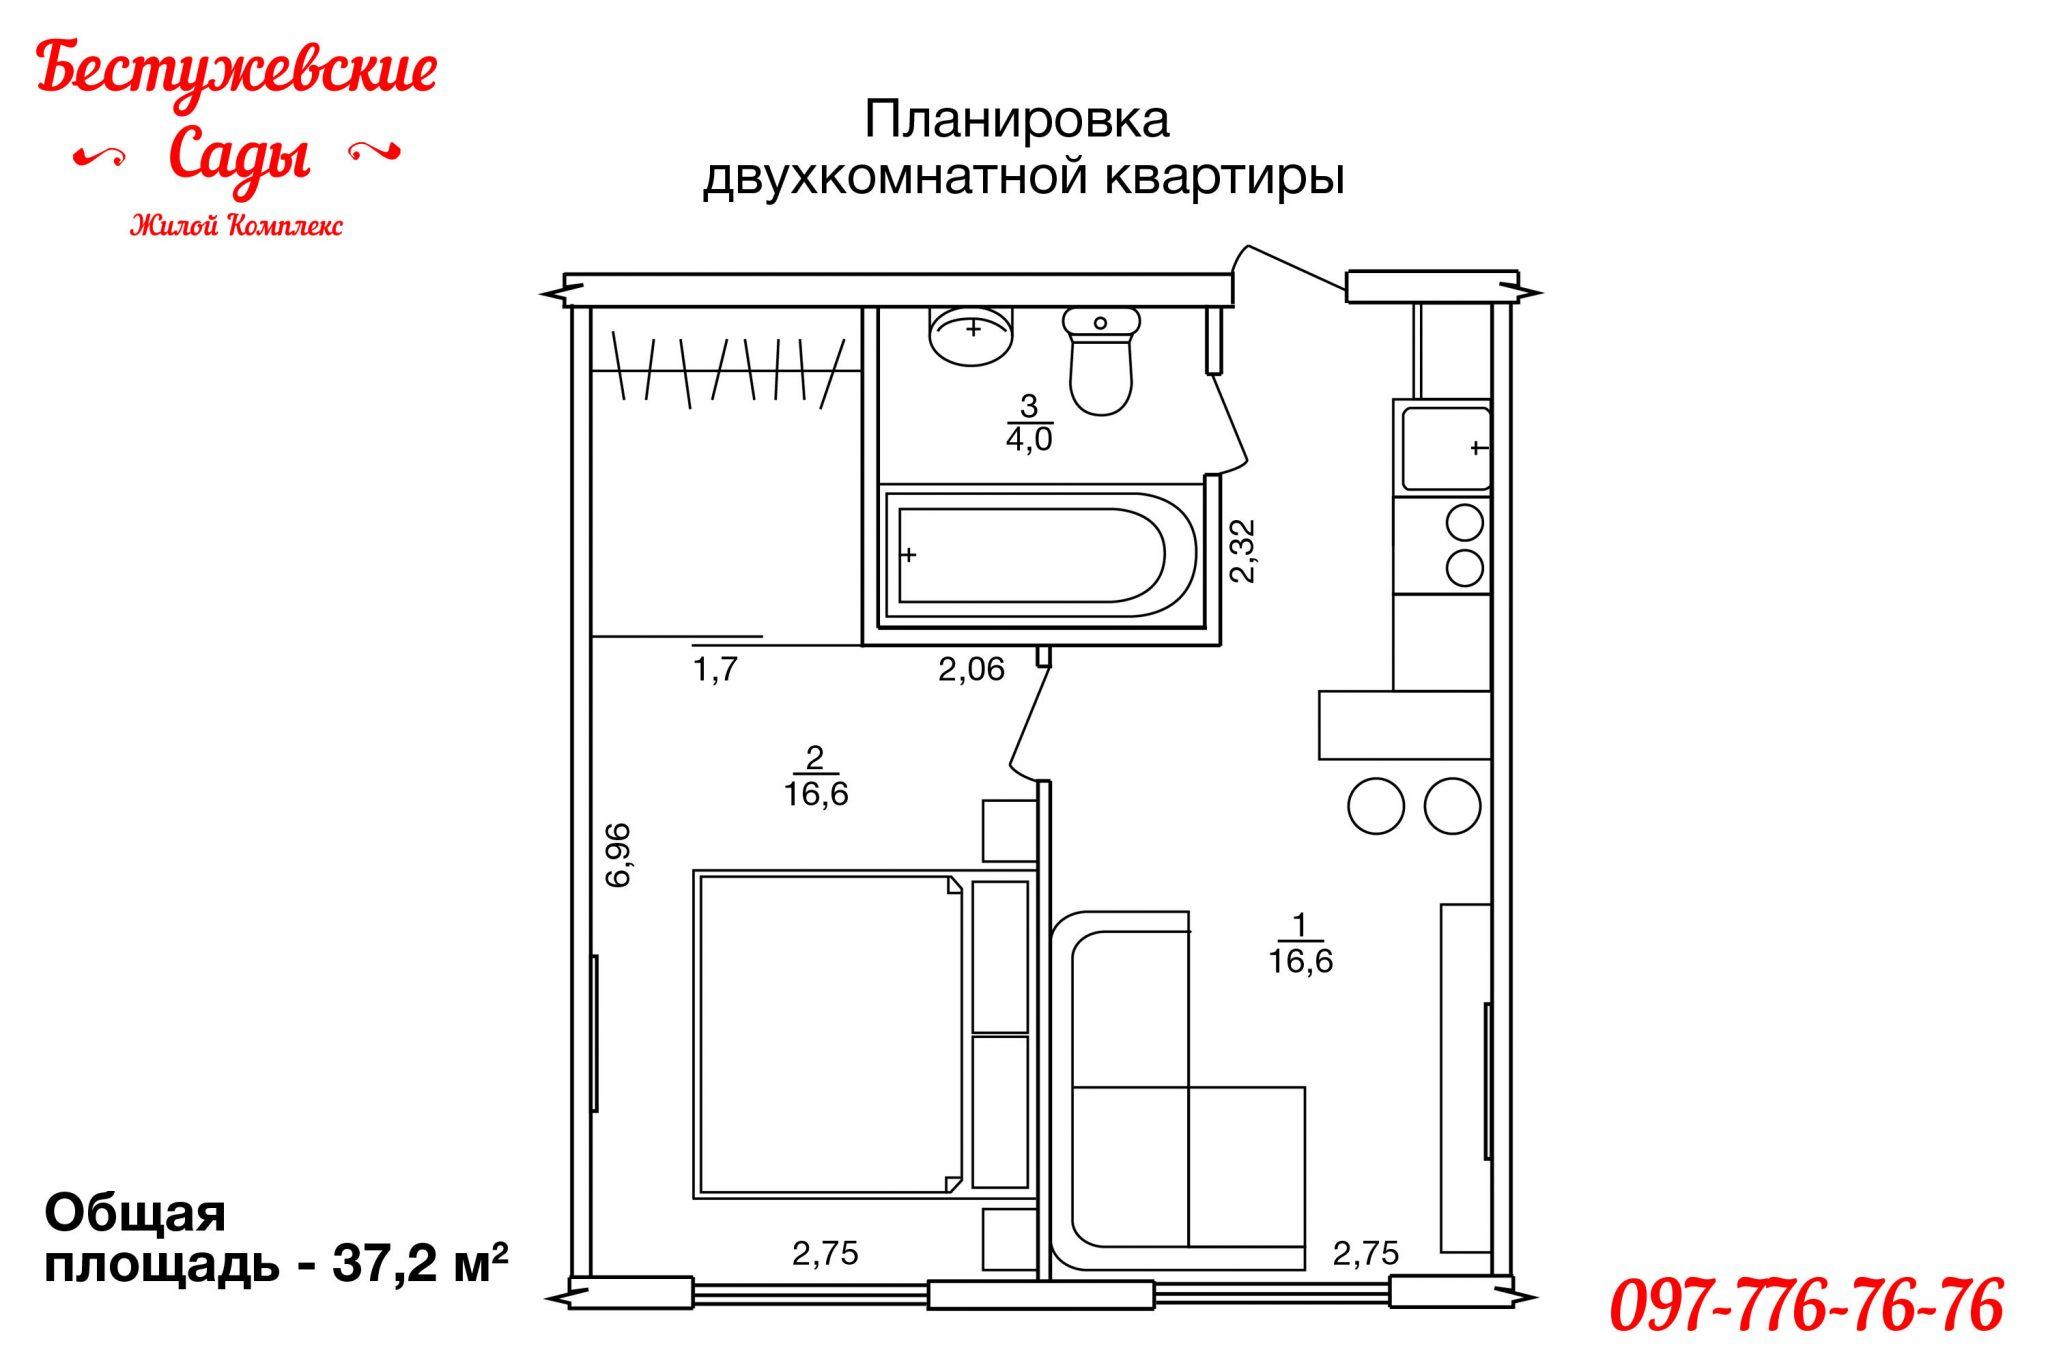 Планировка гостинки в Харькове